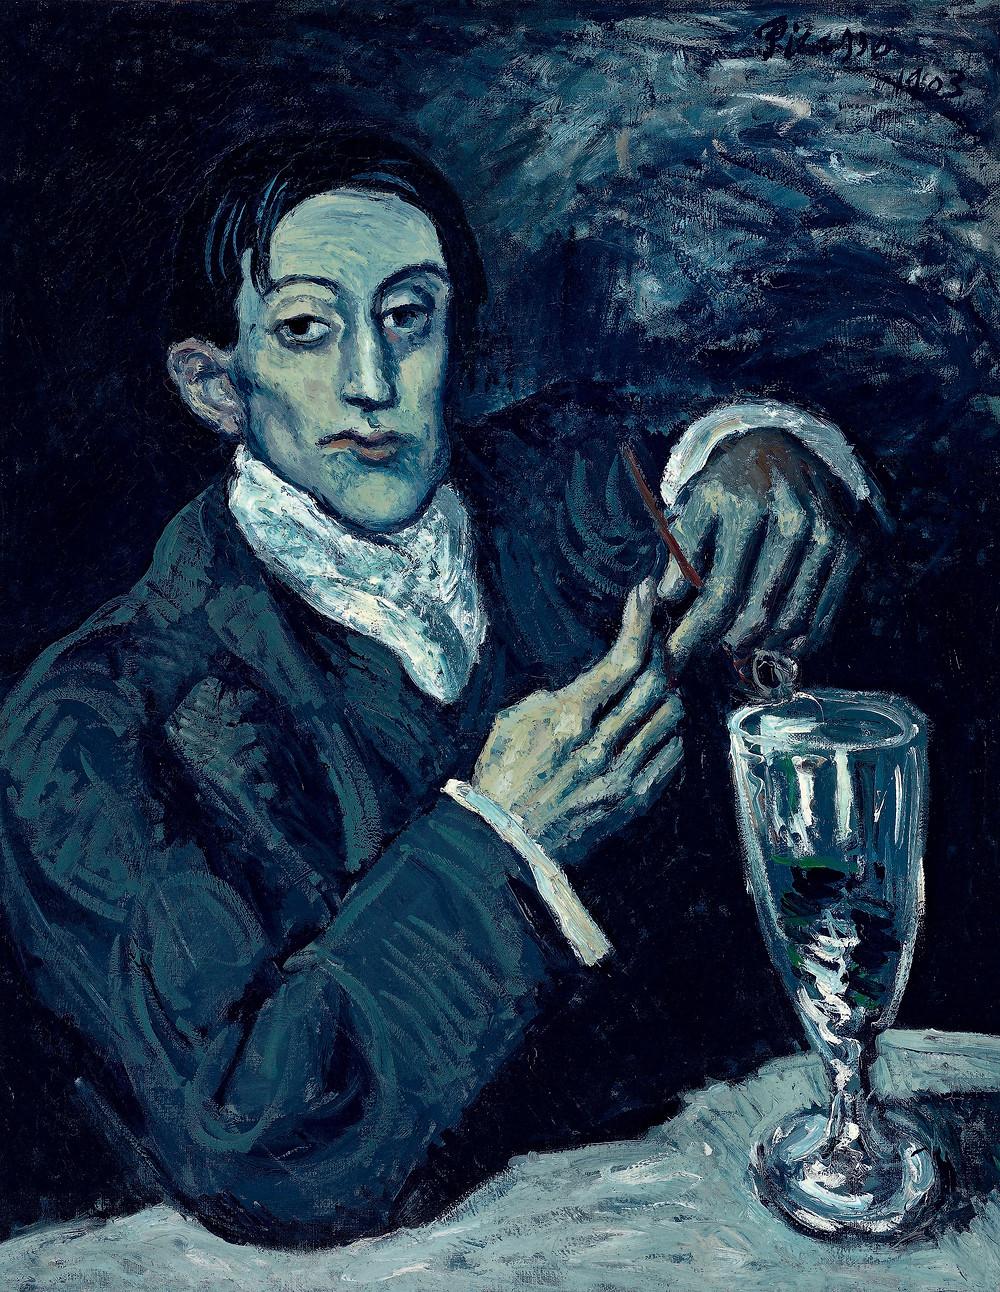 Pablo Picasso, 'Portrait of Angel Fernandez de Soto', 1903